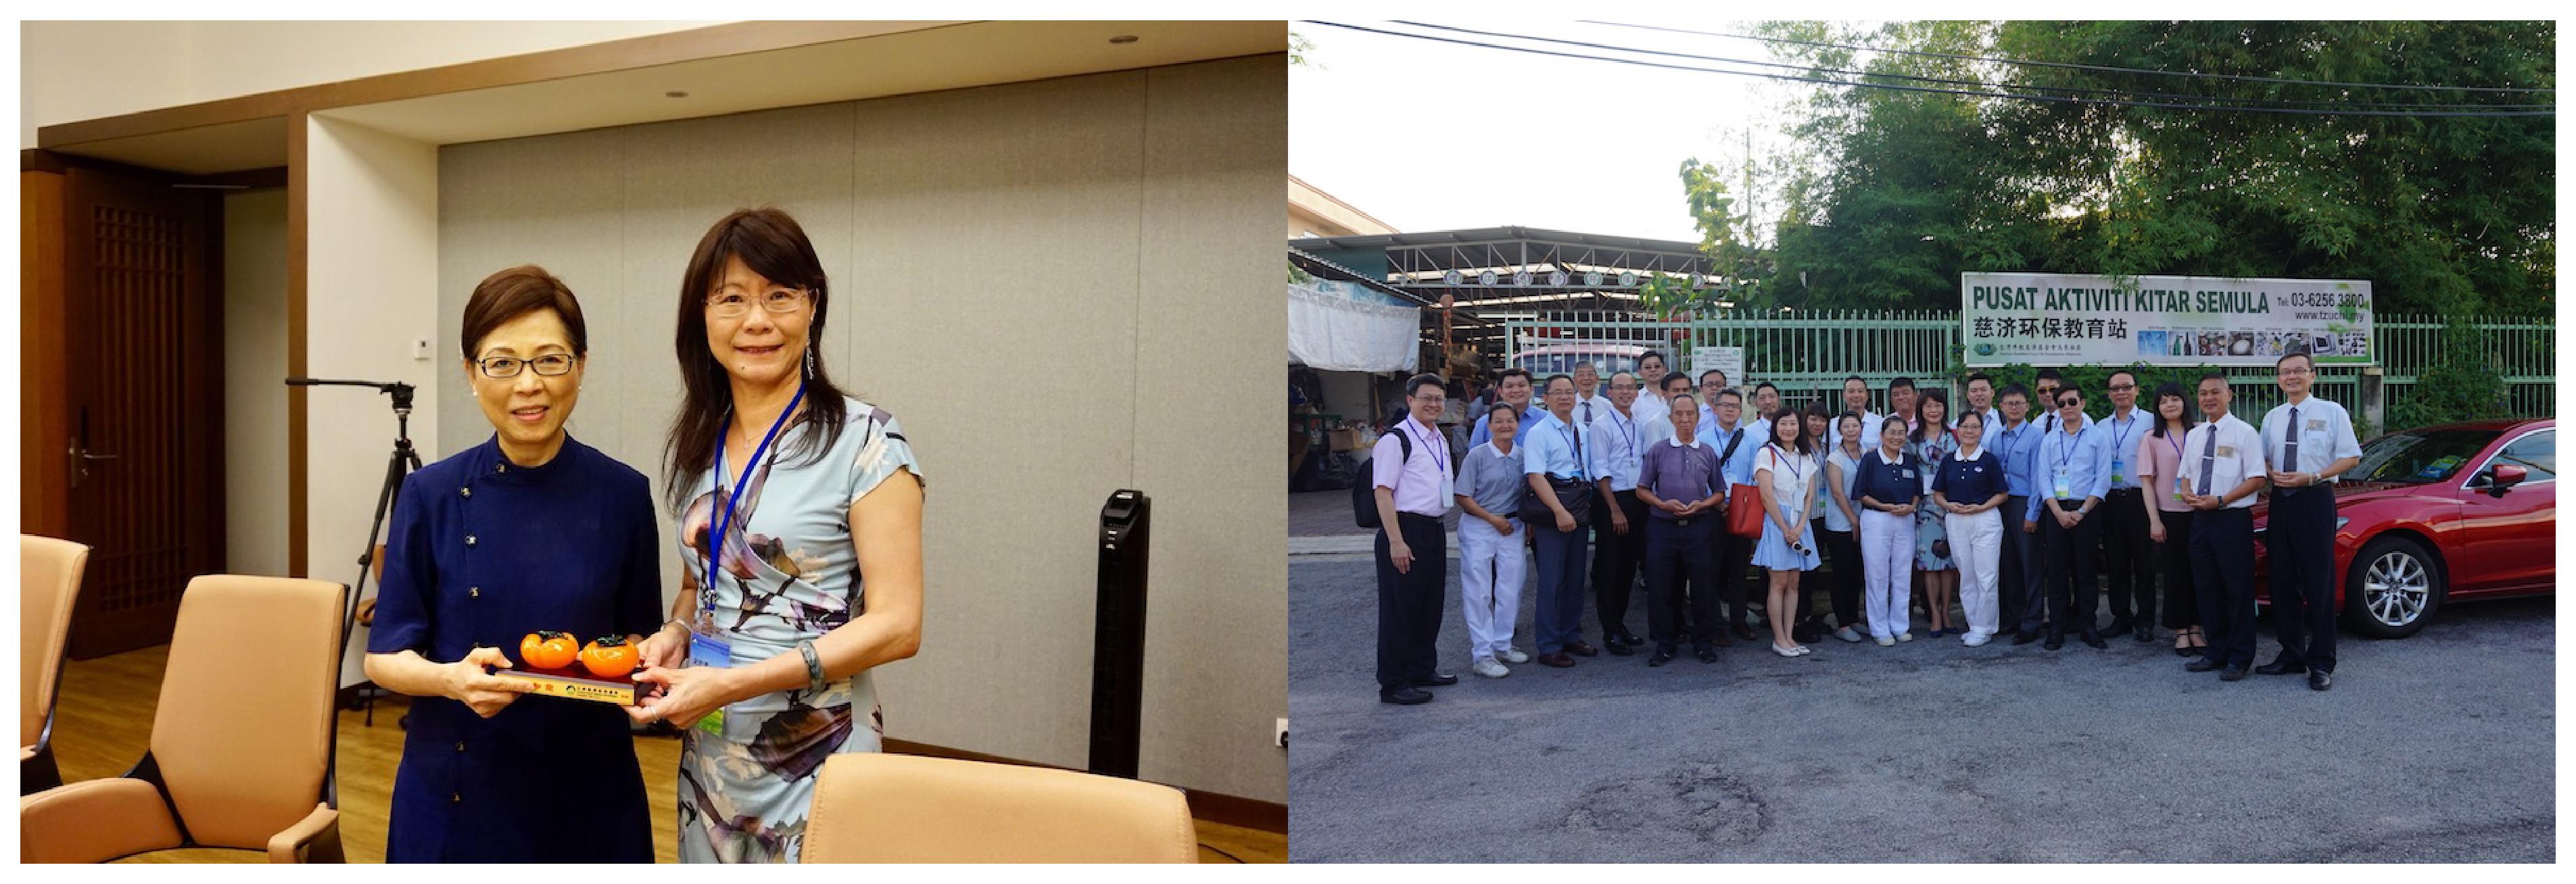 圖說:拜會臺灣佛教慈濟基金會馬來西亞雪隆分會簡慈露執行長,會後參訪當地資源回收環保教育站,瞭解慈濟推動資源回收現況,雙方更是討論回收產業輸出東南亞的機會。